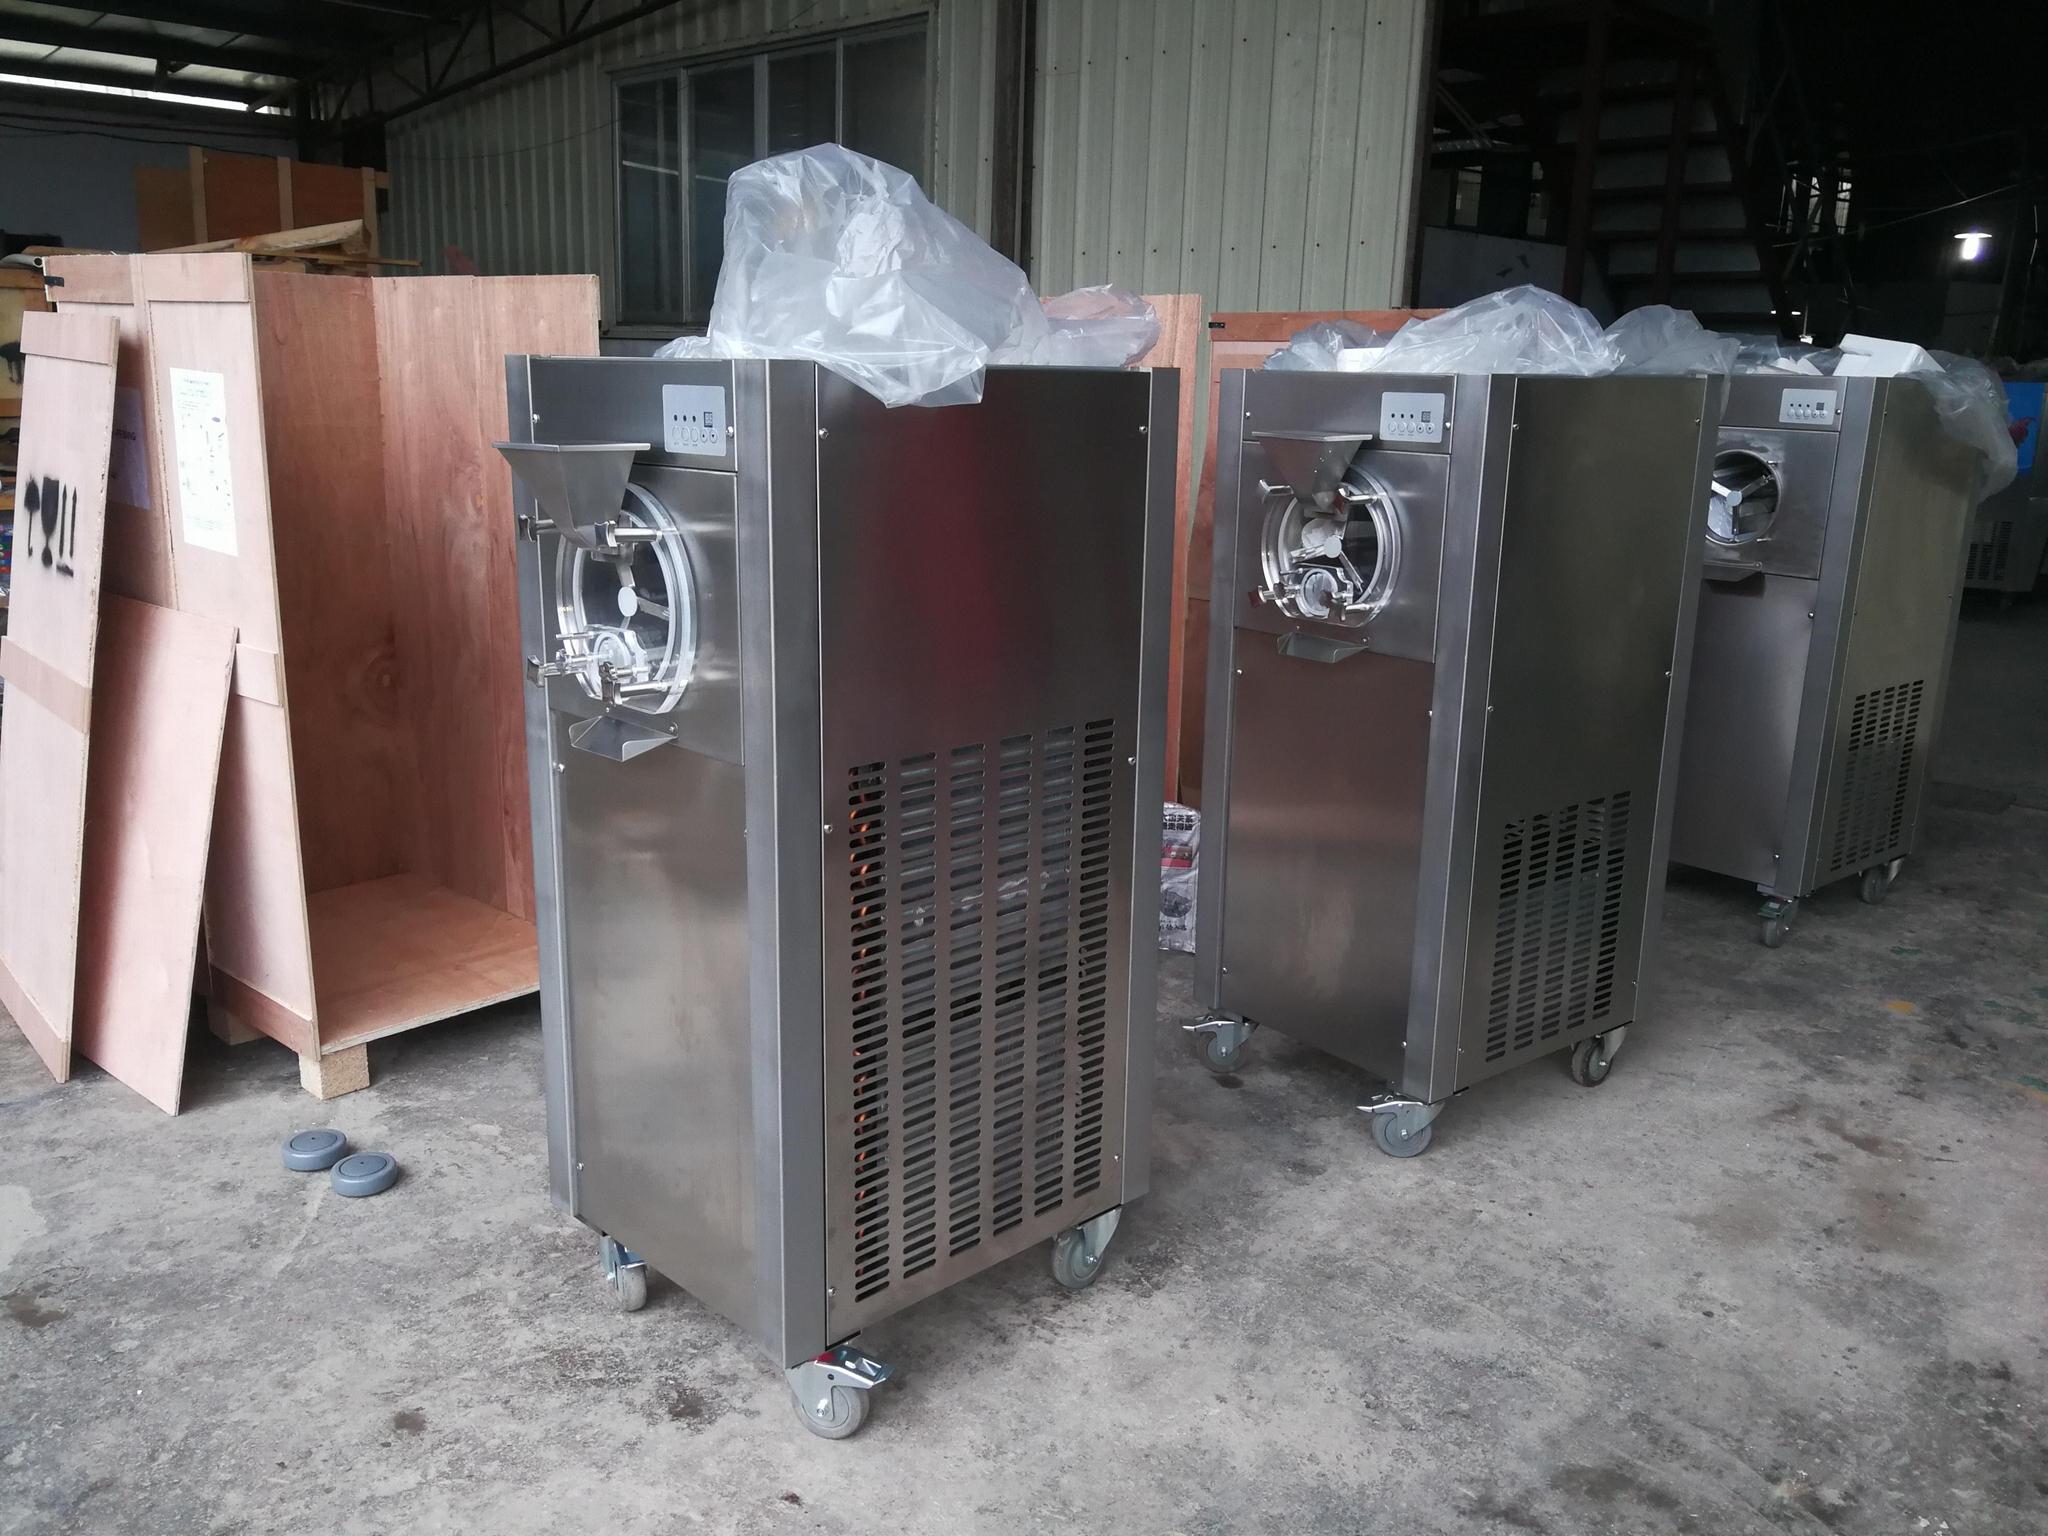 YB-20 商用硬冰淇淋機 硬冰淇淋機價格 意式硬冰機